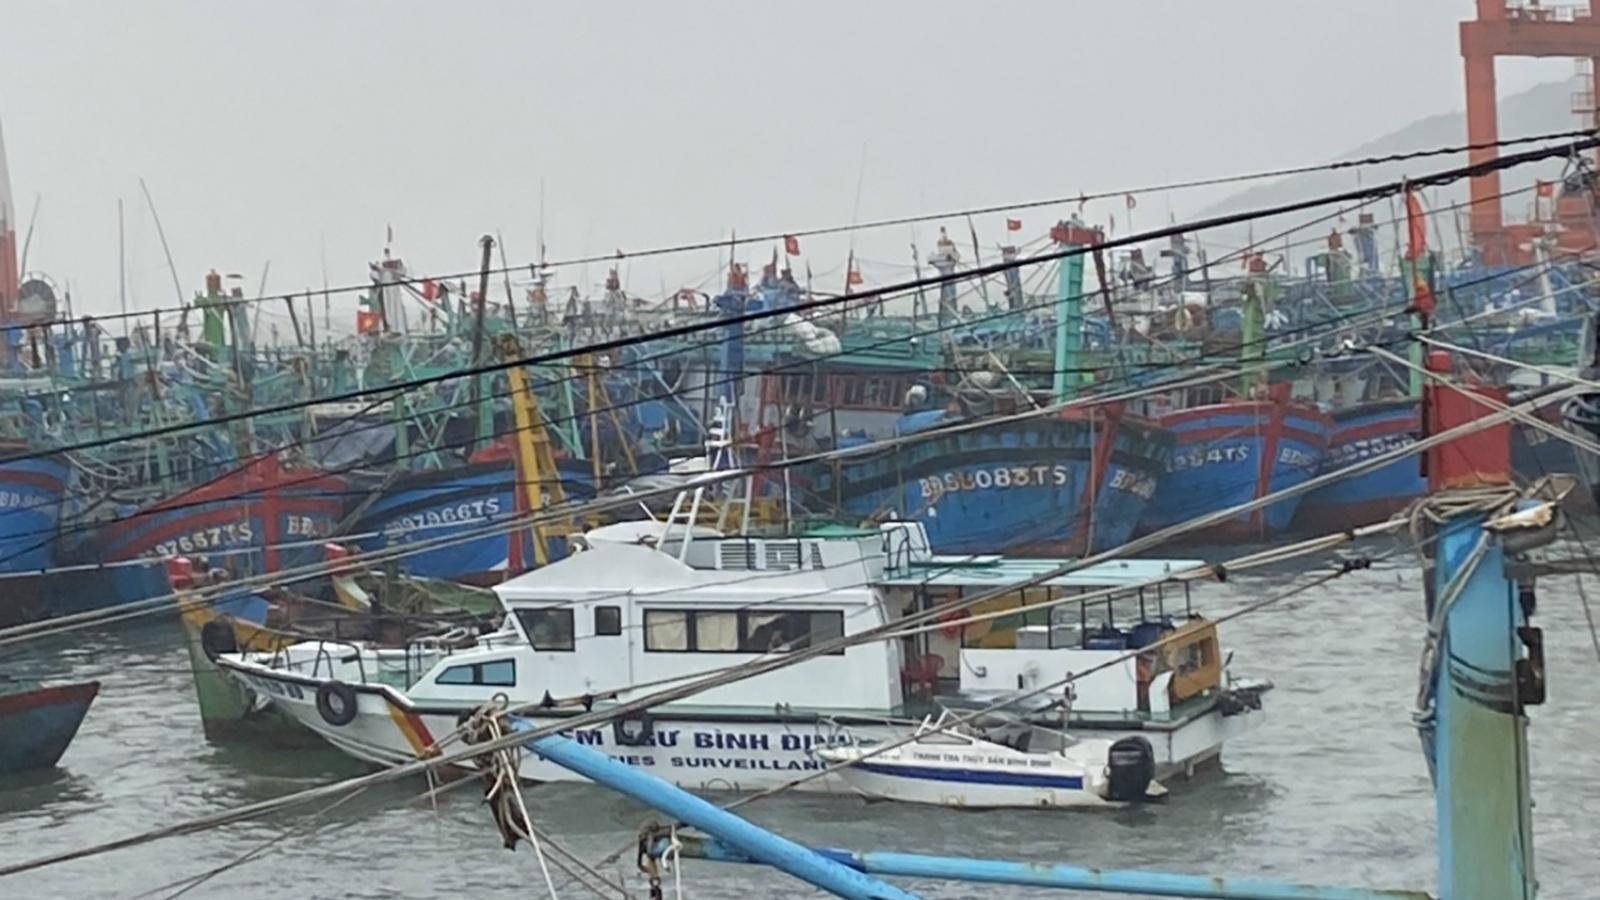 Bình Định: Liên lạc được với tàu cá cùng 12 ngư dân trên biển